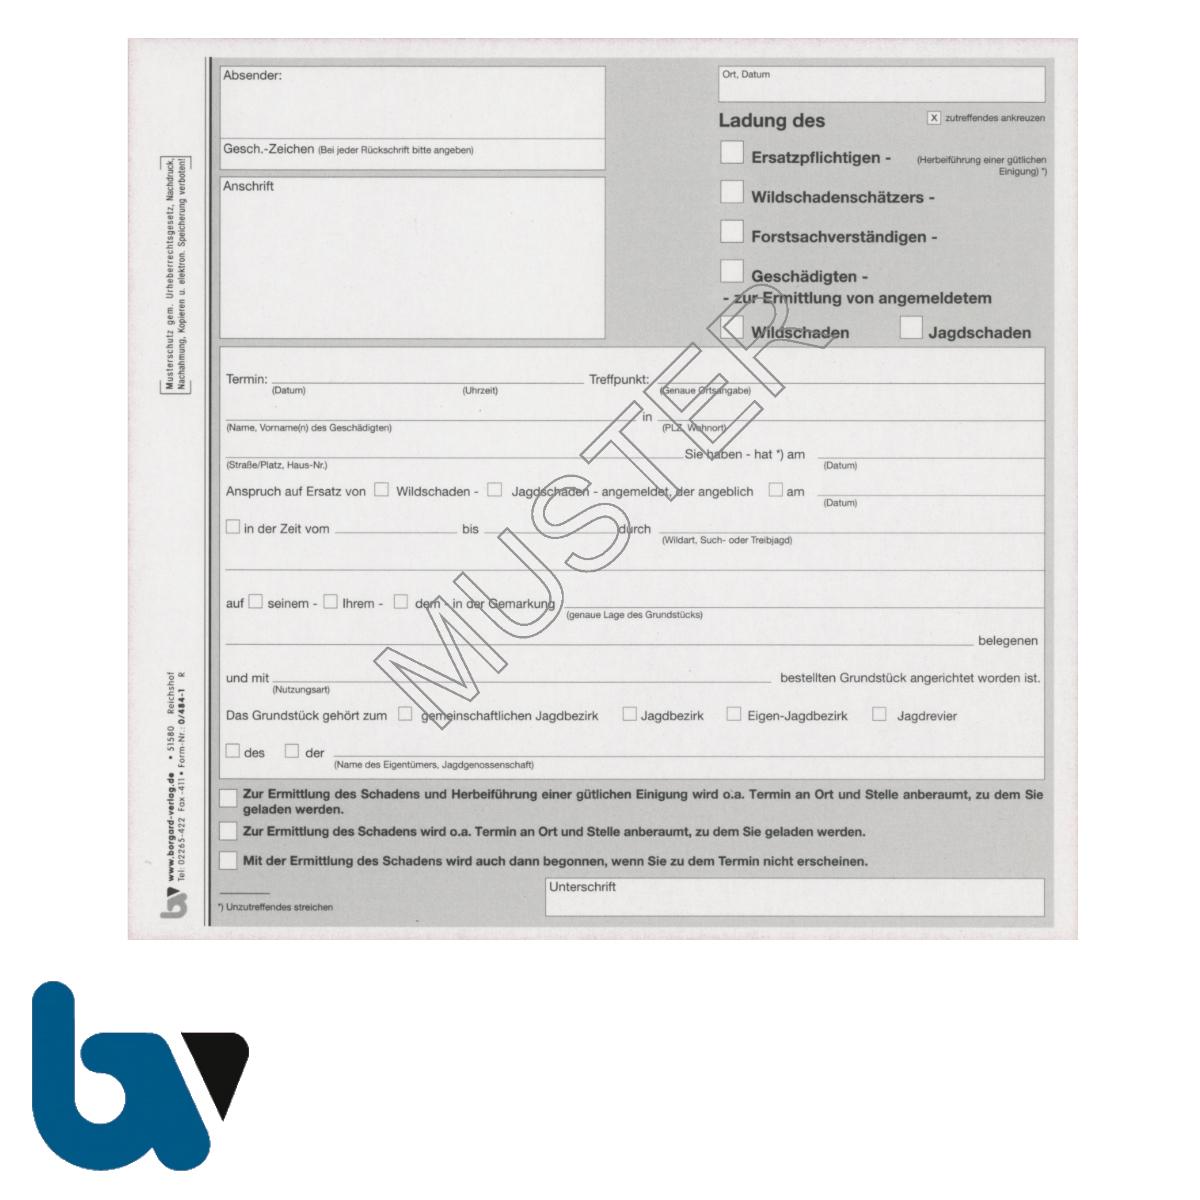 0/484-1 Wildschaden Jagdschaden Ladung ersatzpflichtige geschädigte Schätzer Sachverständige DIN A4 selbstdurchschreibend   Borgard Verlag GmbH